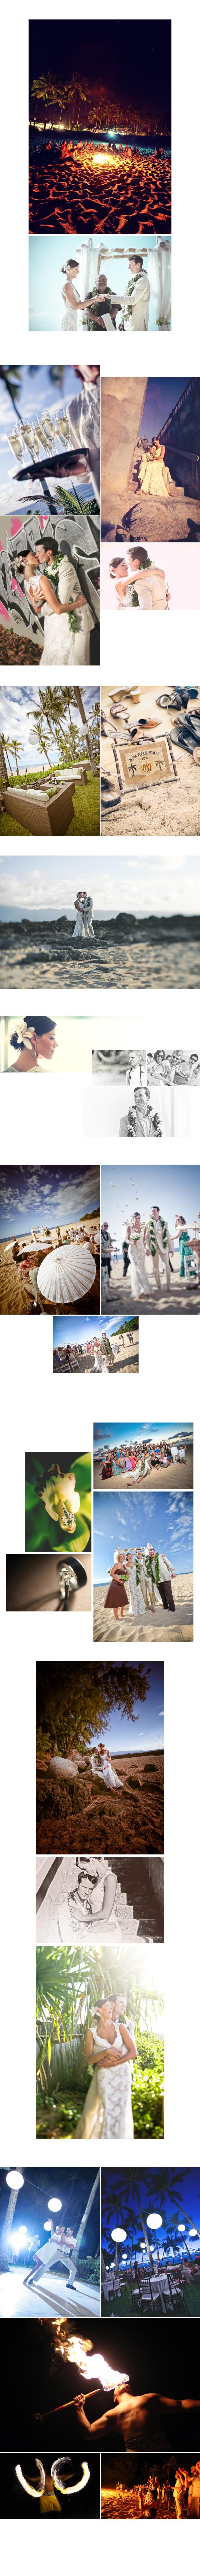 Shawn Starr : Modern Wedding Photography : Pittsburgh Wedding Photographer : North Shore Wedding